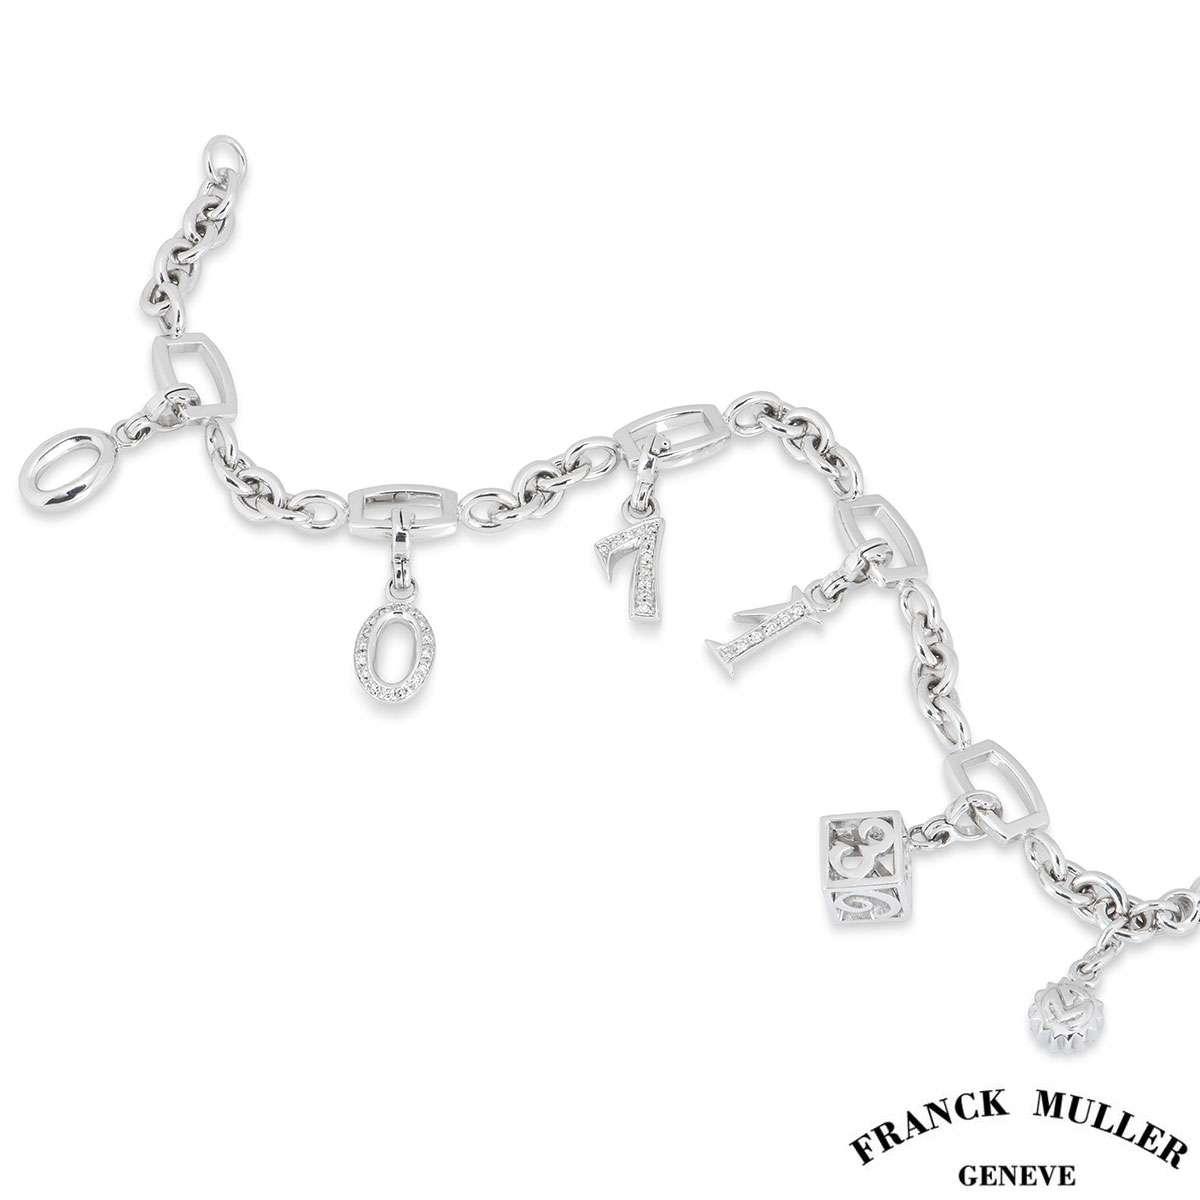 Franck Muller White Gold Charm Bracelet